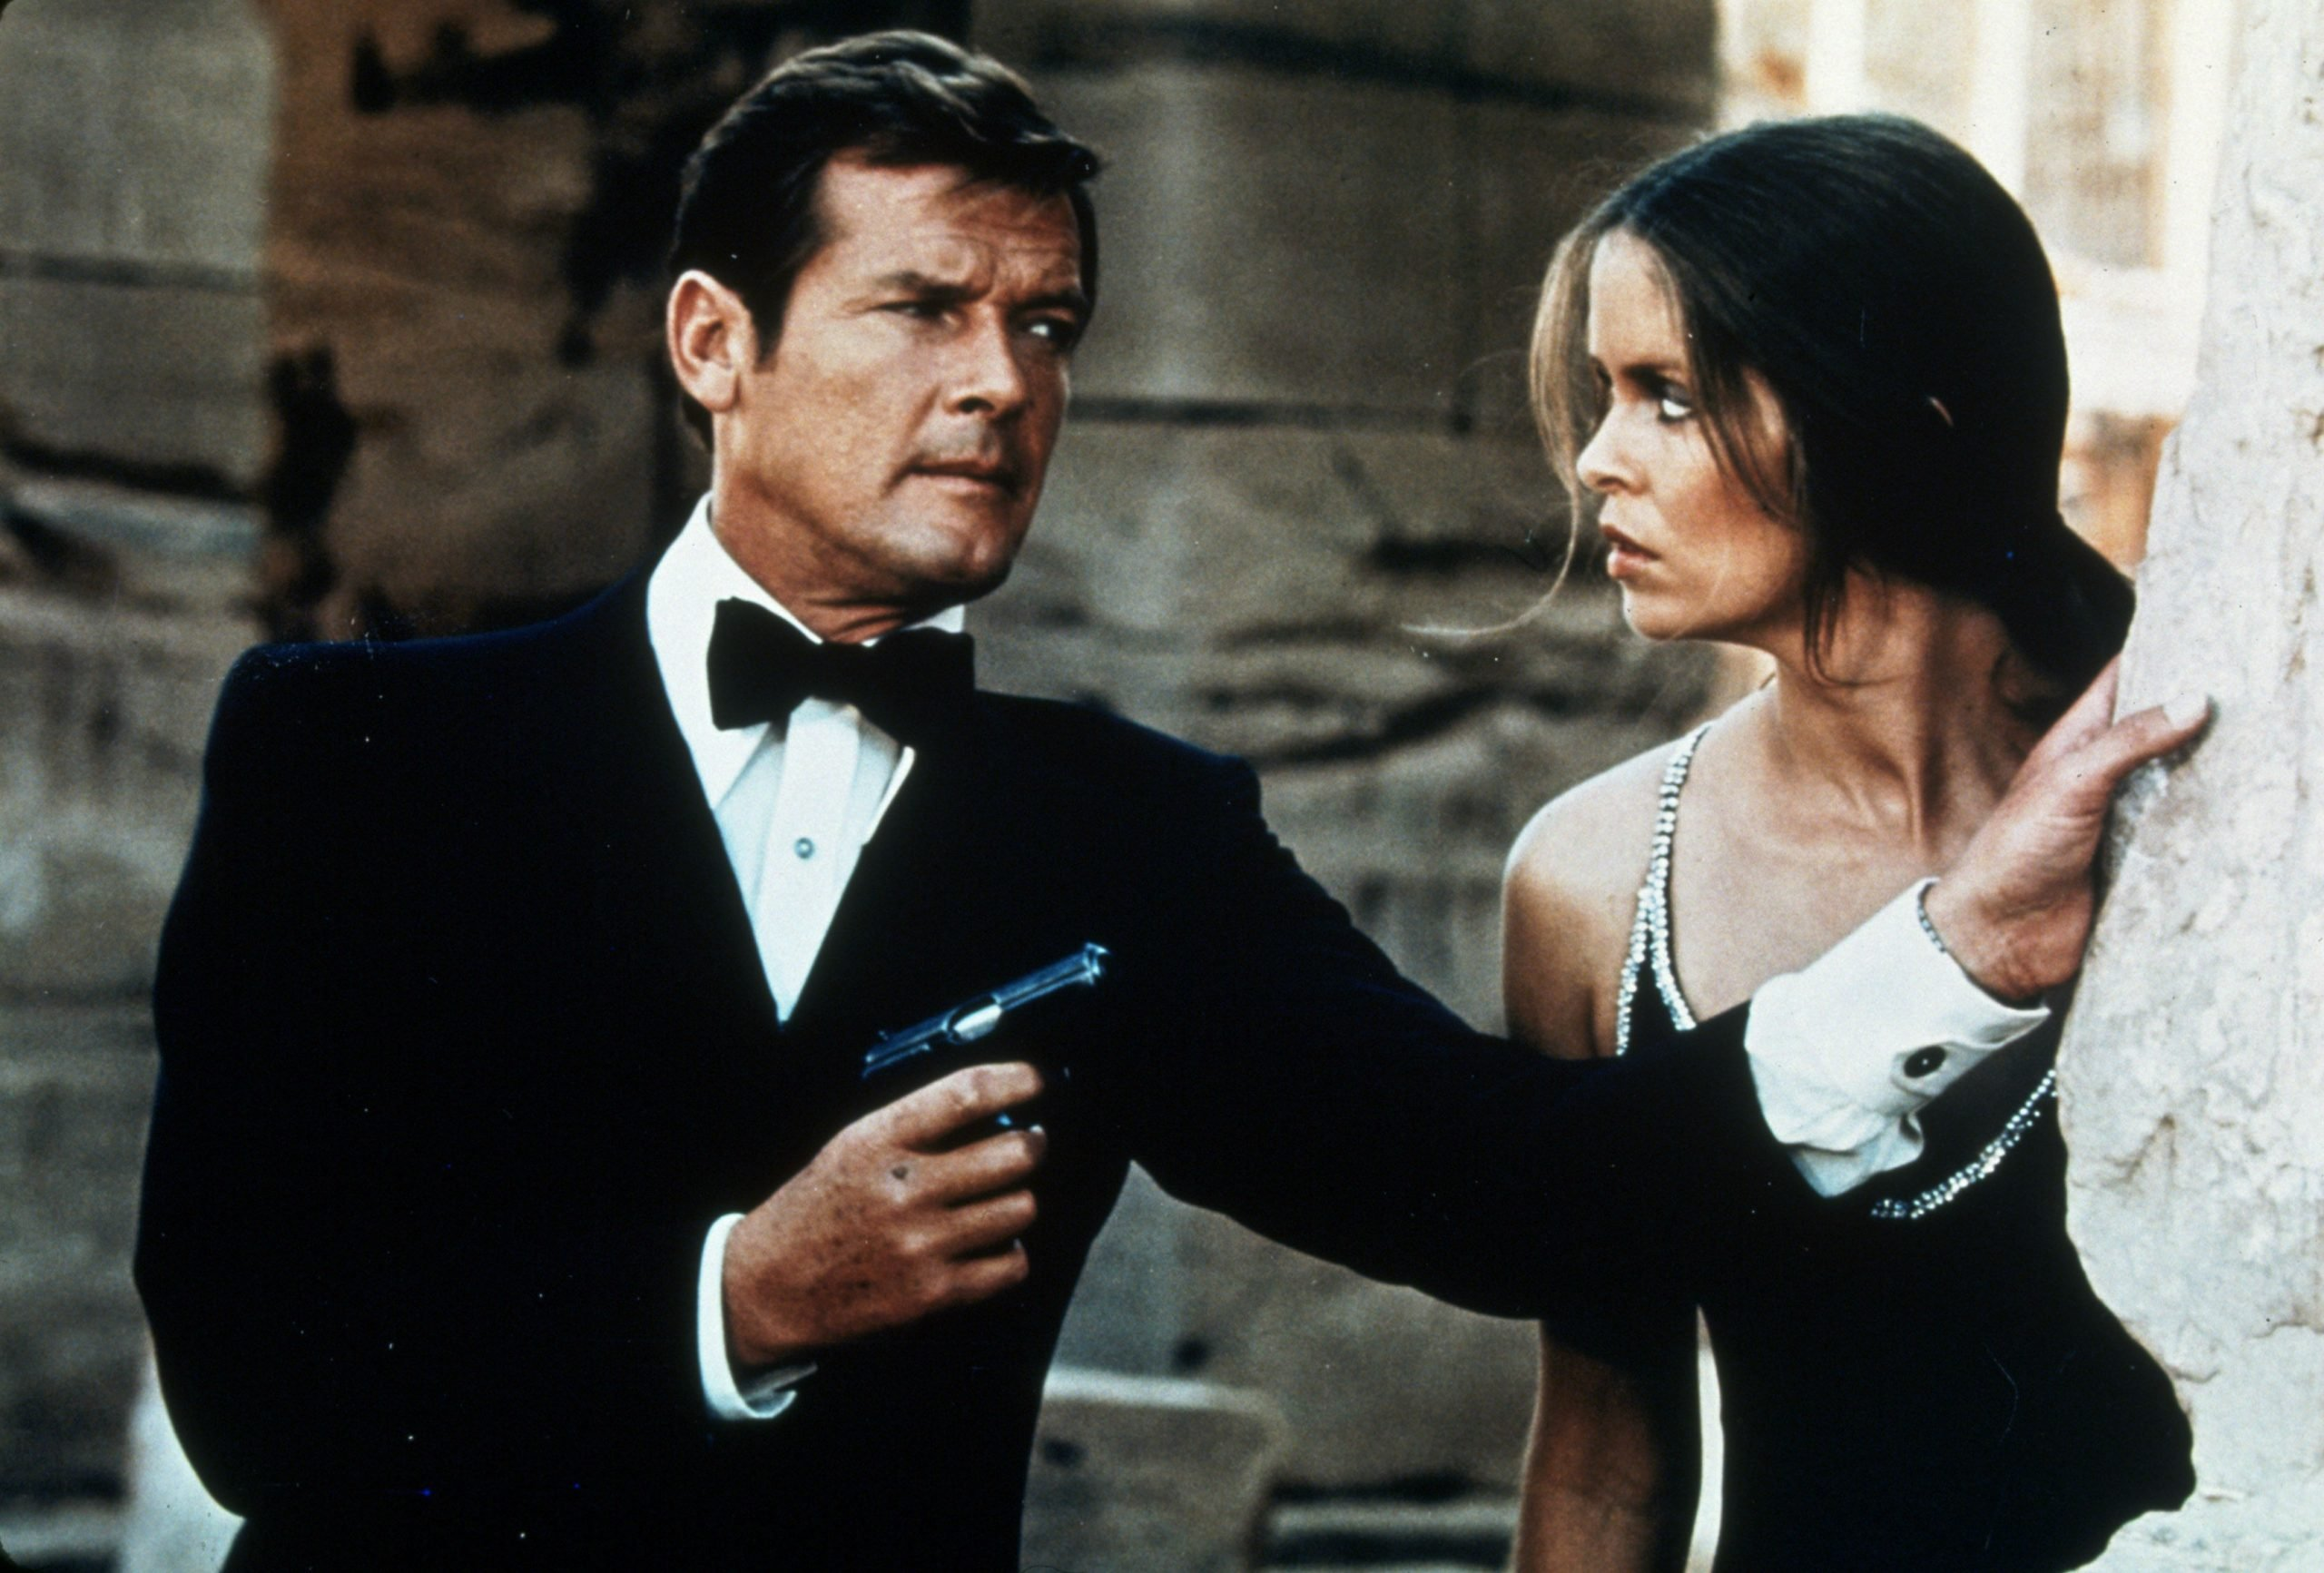 James Bond Movies - The Spy Who Loved Me (1977)